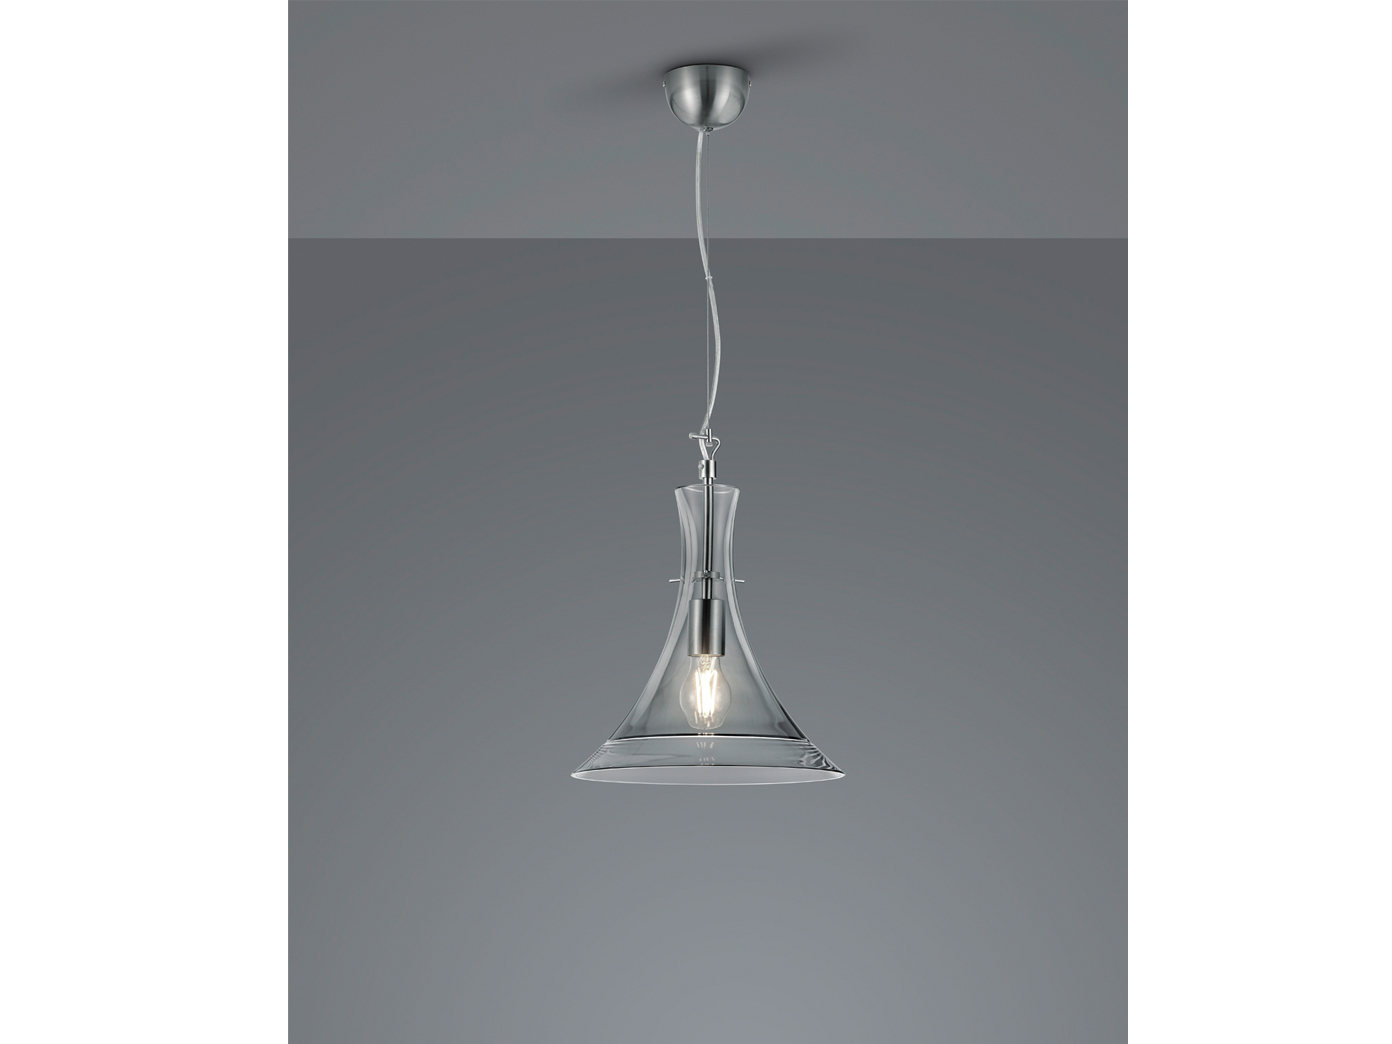 Full Size of Tischlampe Wohnzimmer Bogenlampe Esstisch Stehlampen Lampe Badezimmer Deckenlampen Lampen Schlafzimmer Mit überbau Bad Led Betten Für übergewichtige L Wohnzimmer Lampe über Kochinsel